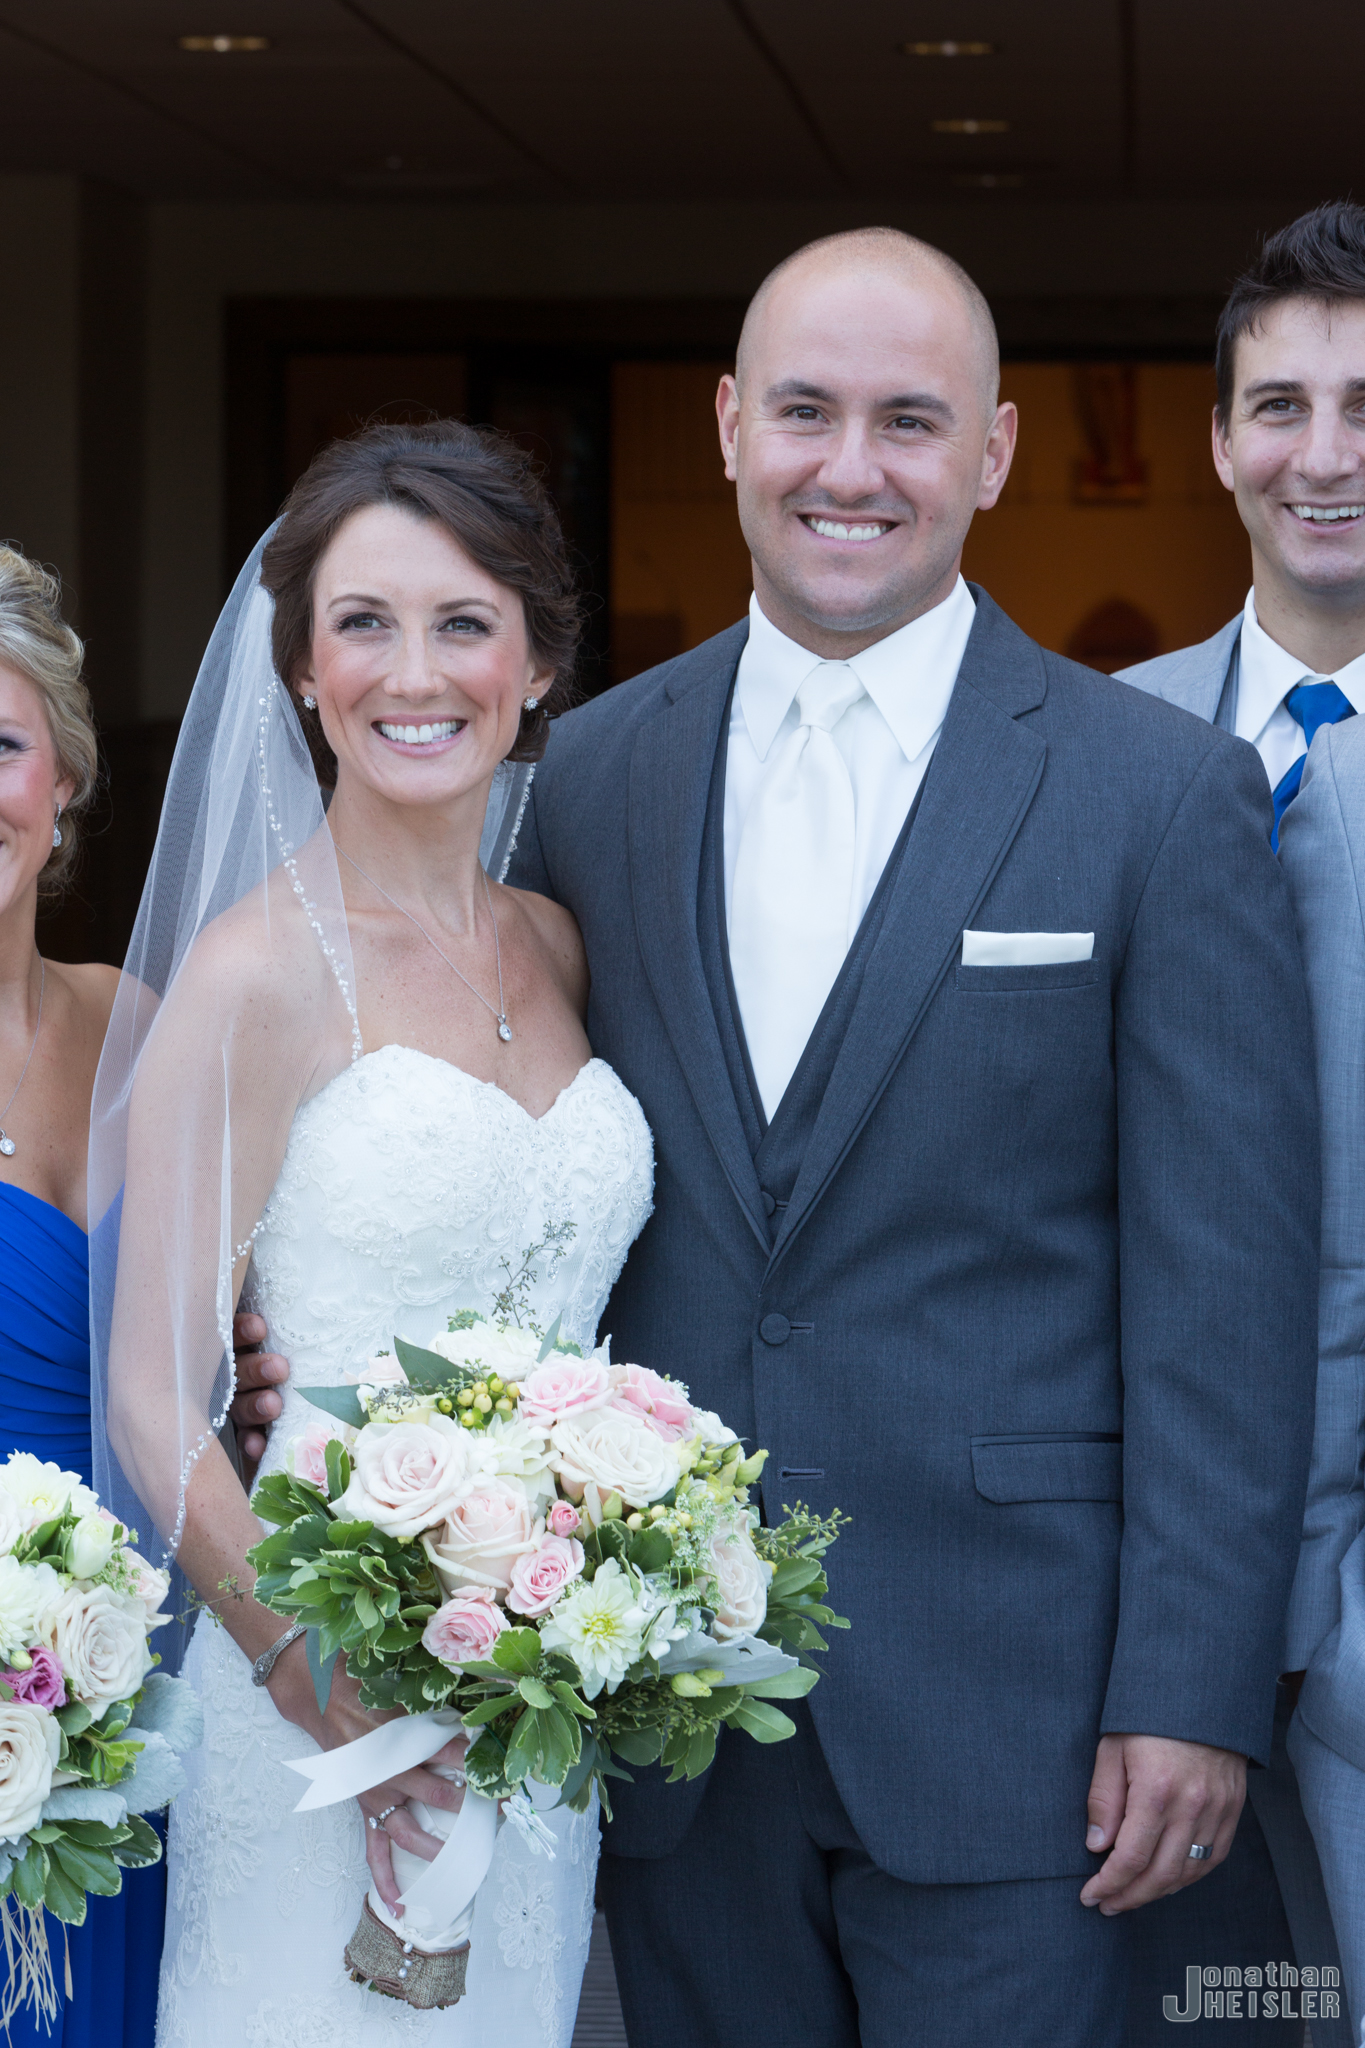 Long Island Wedding Photographer _ Jonathan Heisler  _  7-12-2014_00104.jpg